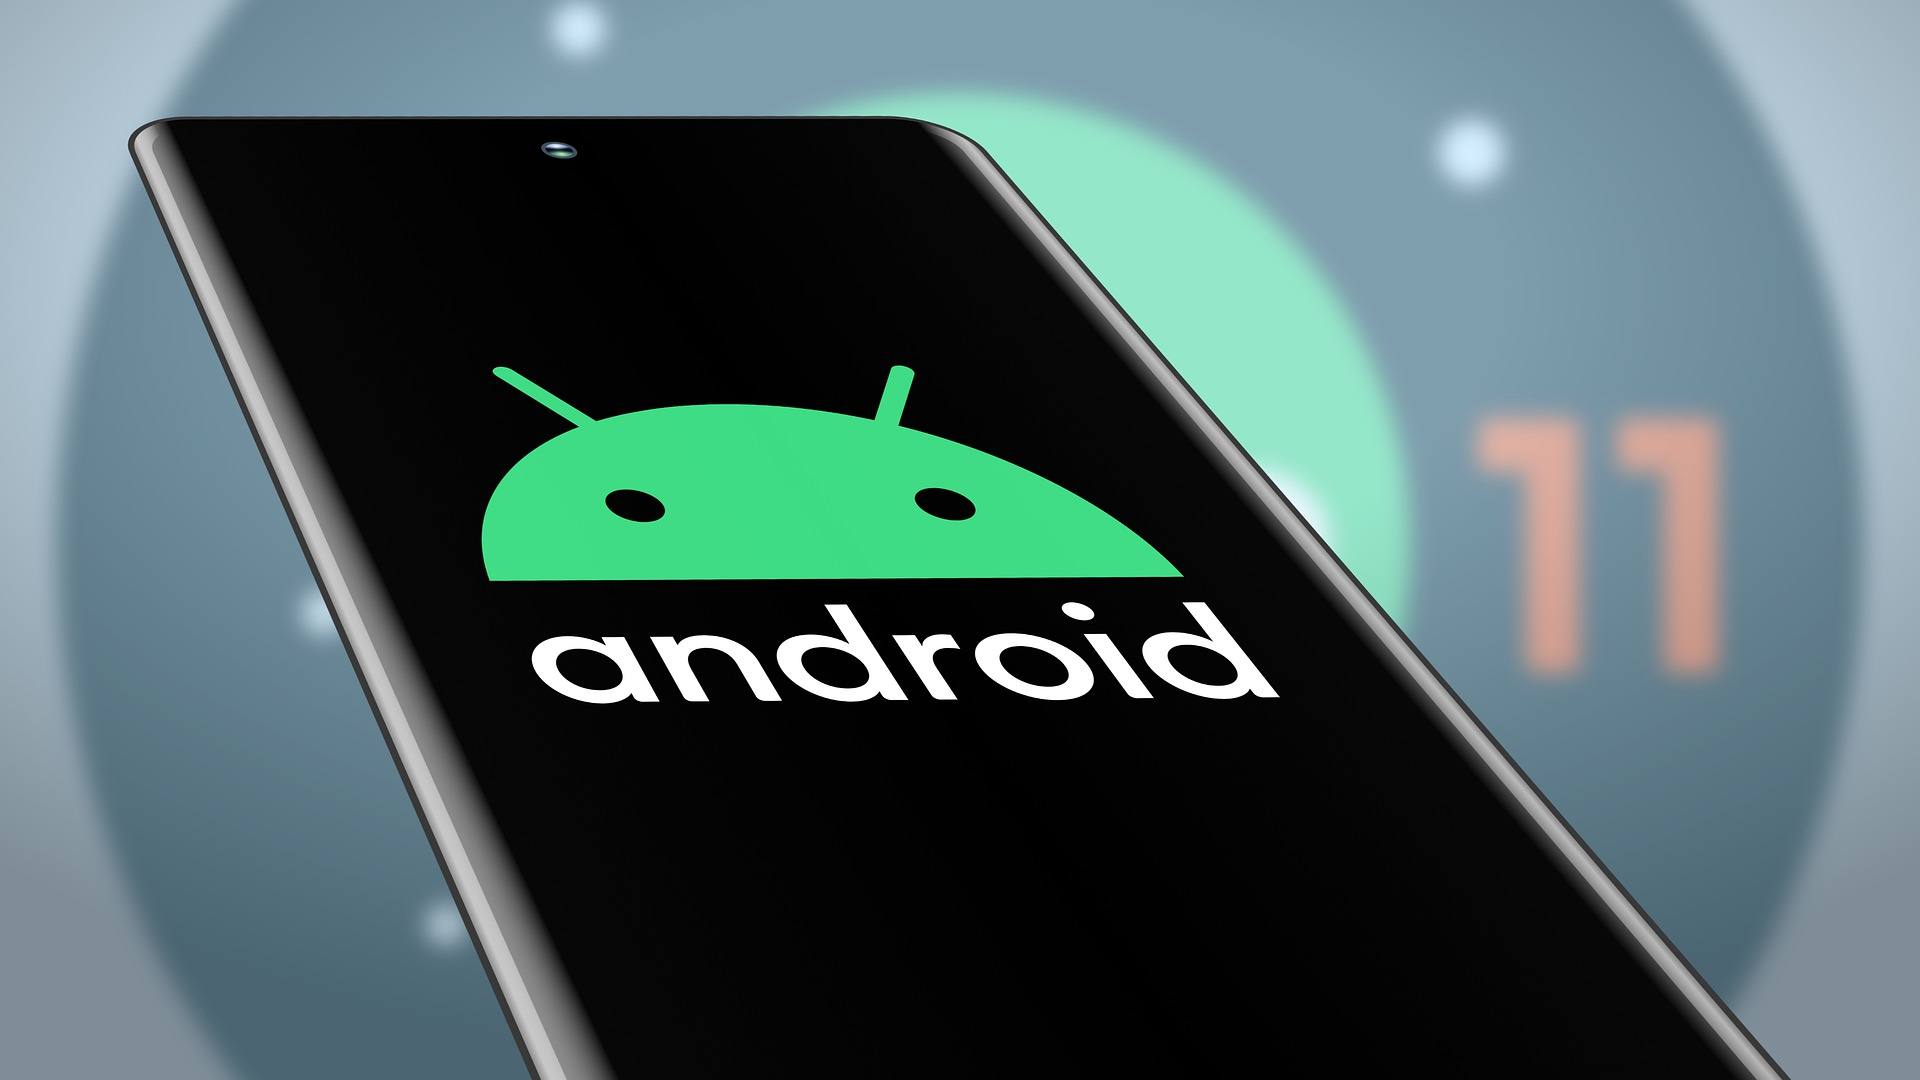 Android disattiverà automaticamente i permessi delle app inutilizzate